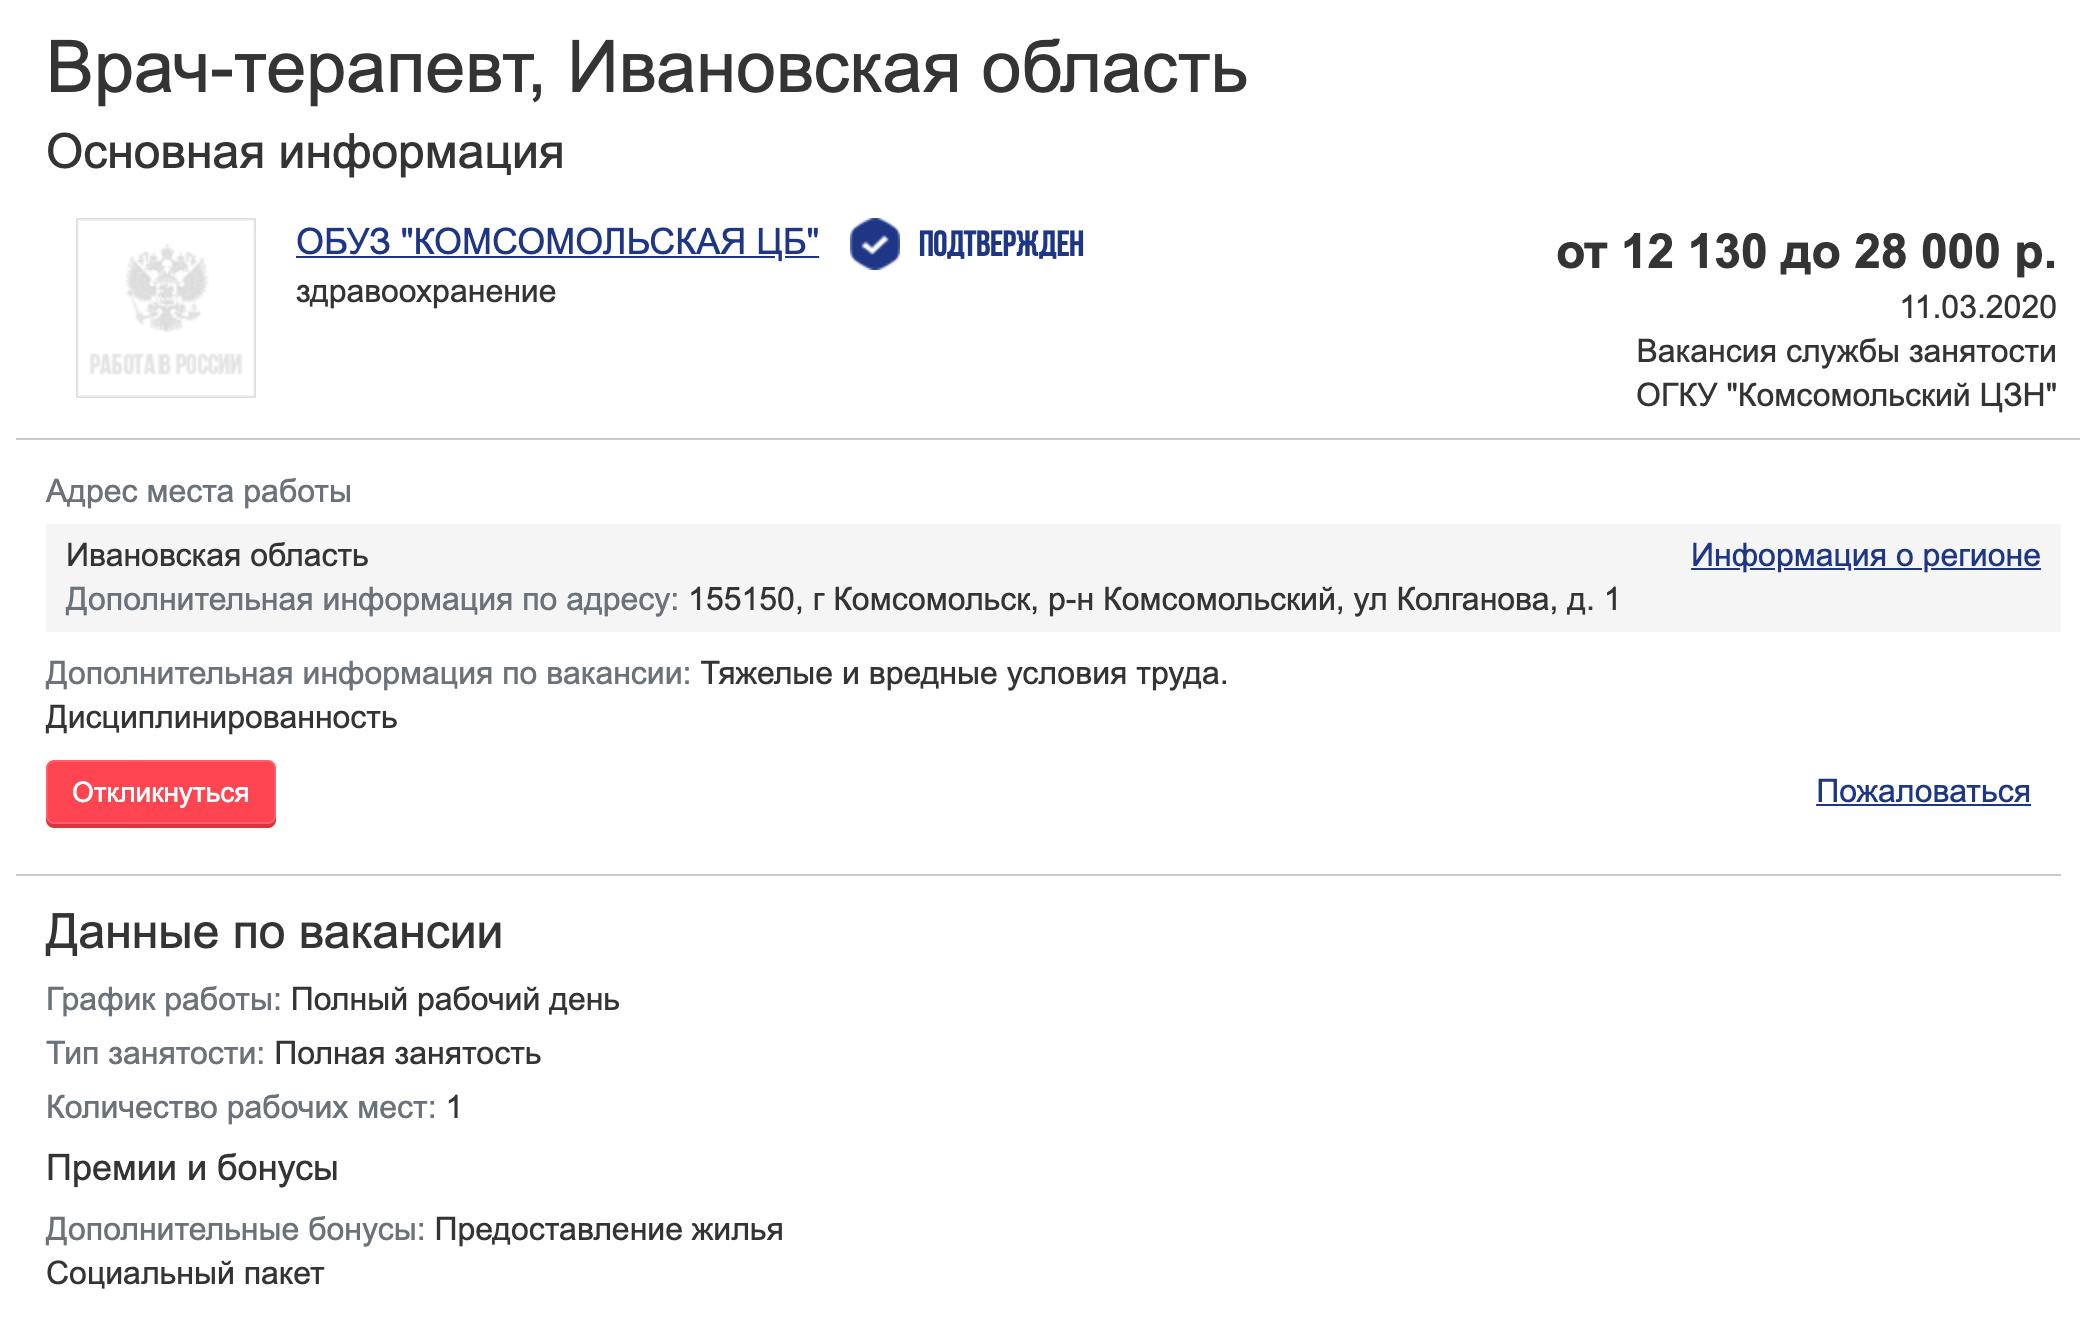 Врачу-терапевту вцентральной больнице Комсомольска Ивановской области предлагают 28тысяч рублей вмесяц. Средняя зарплата порегиону — 26,4тысячи рублей